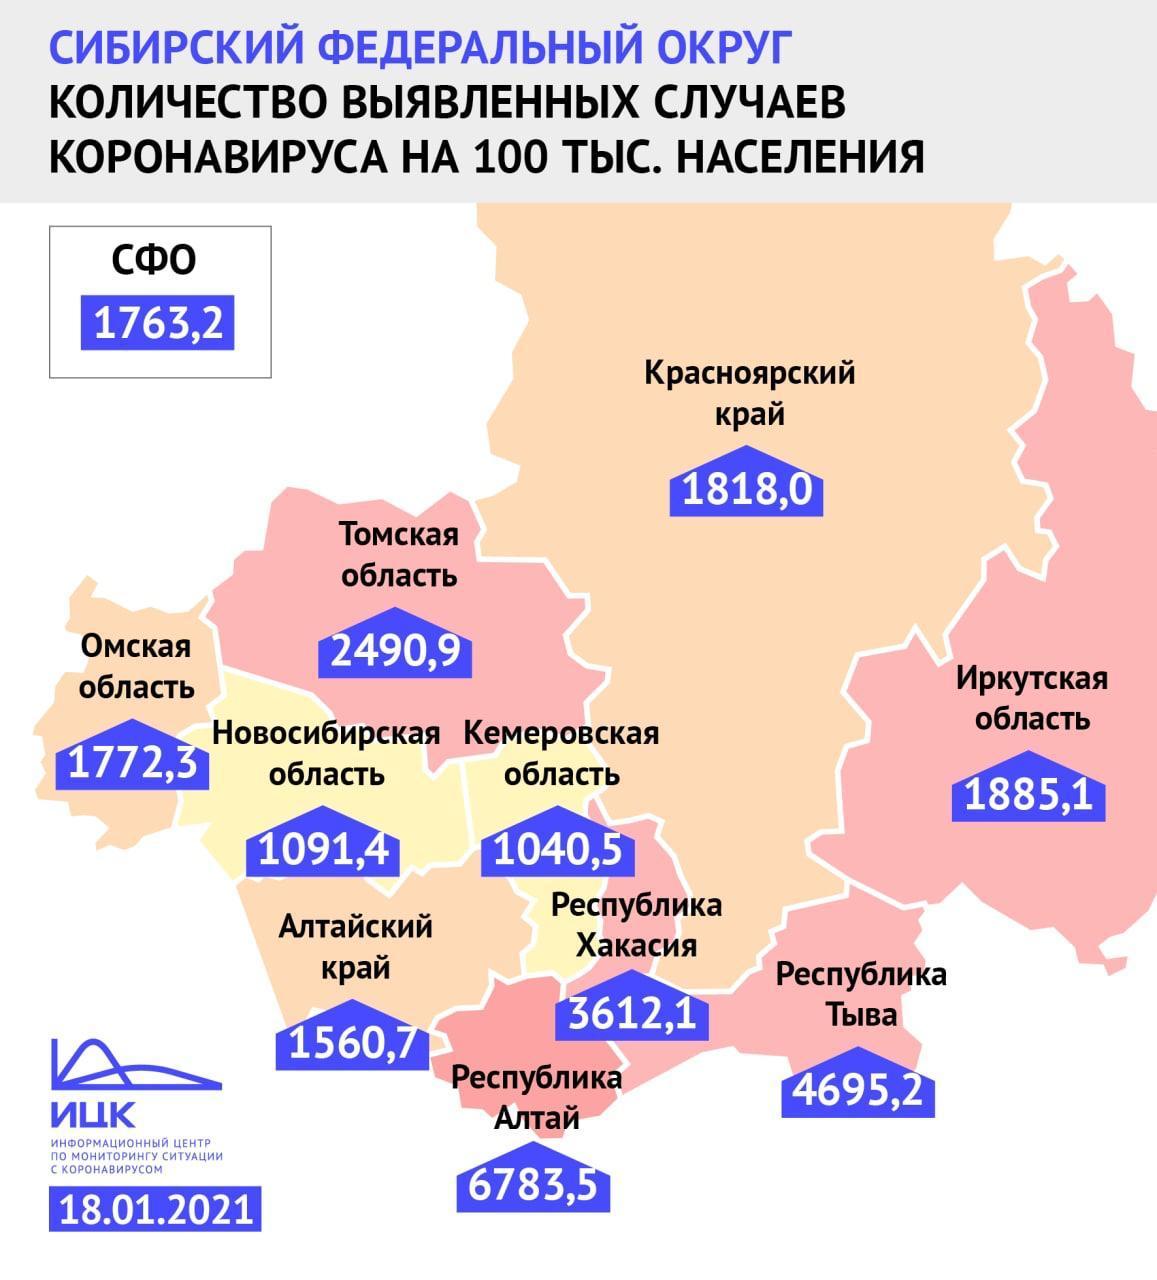 фото Новосибирская область в числе регионов Сибири с самым низким уровнем распространения коронавируса 2